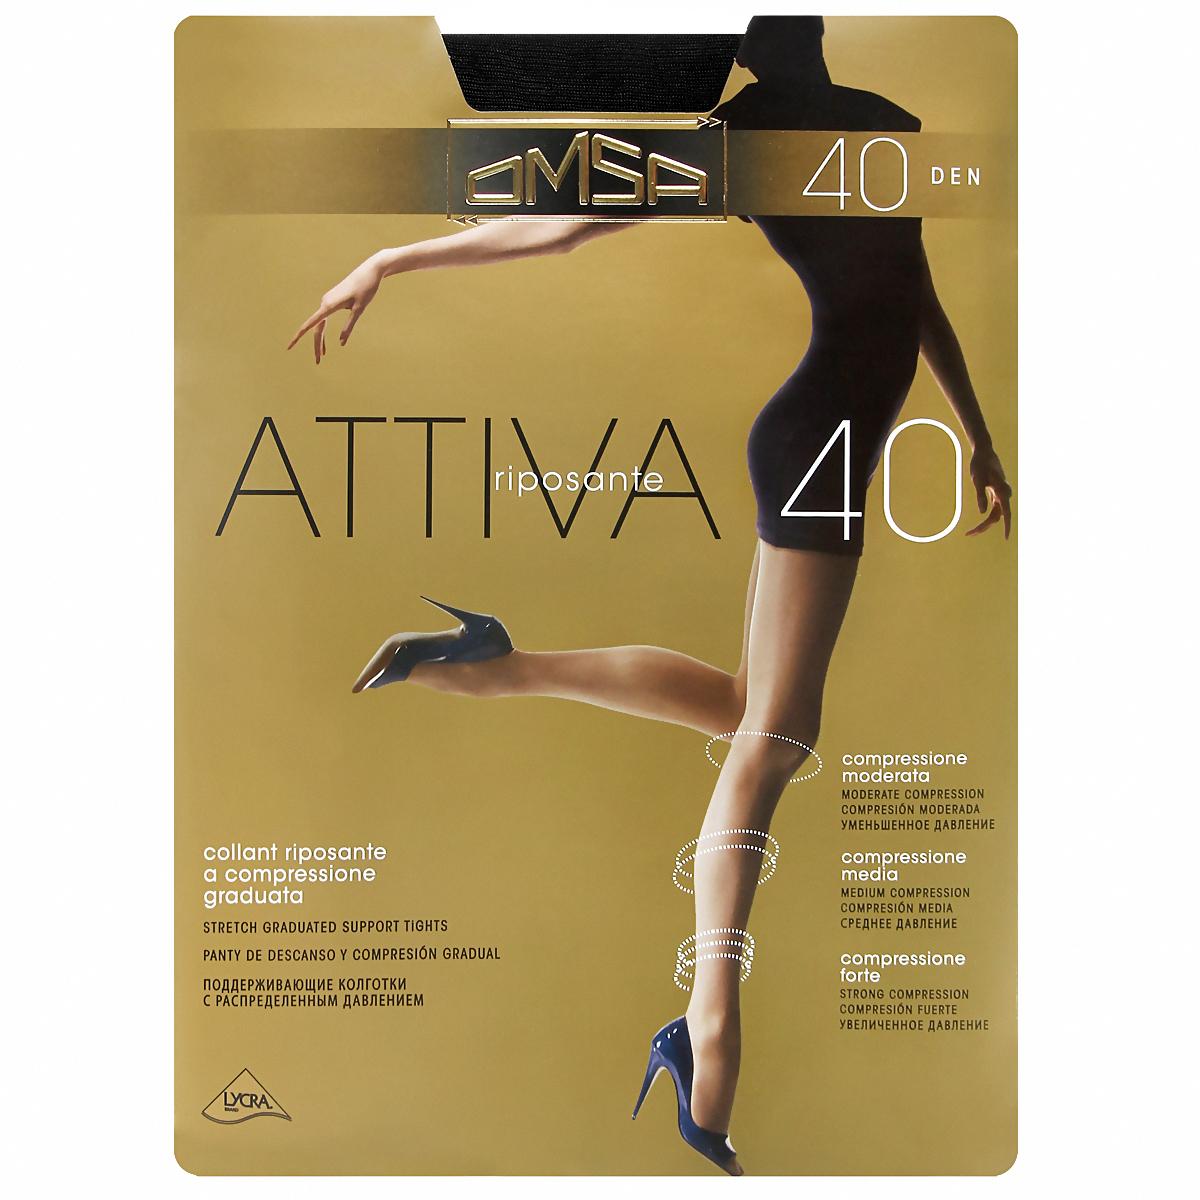 Колготки классические Omsa Attiva 40. Nero (черные). Размер 6 ремень giorgio ferretti business 40 6 gf nero 40 6 115 gf nero